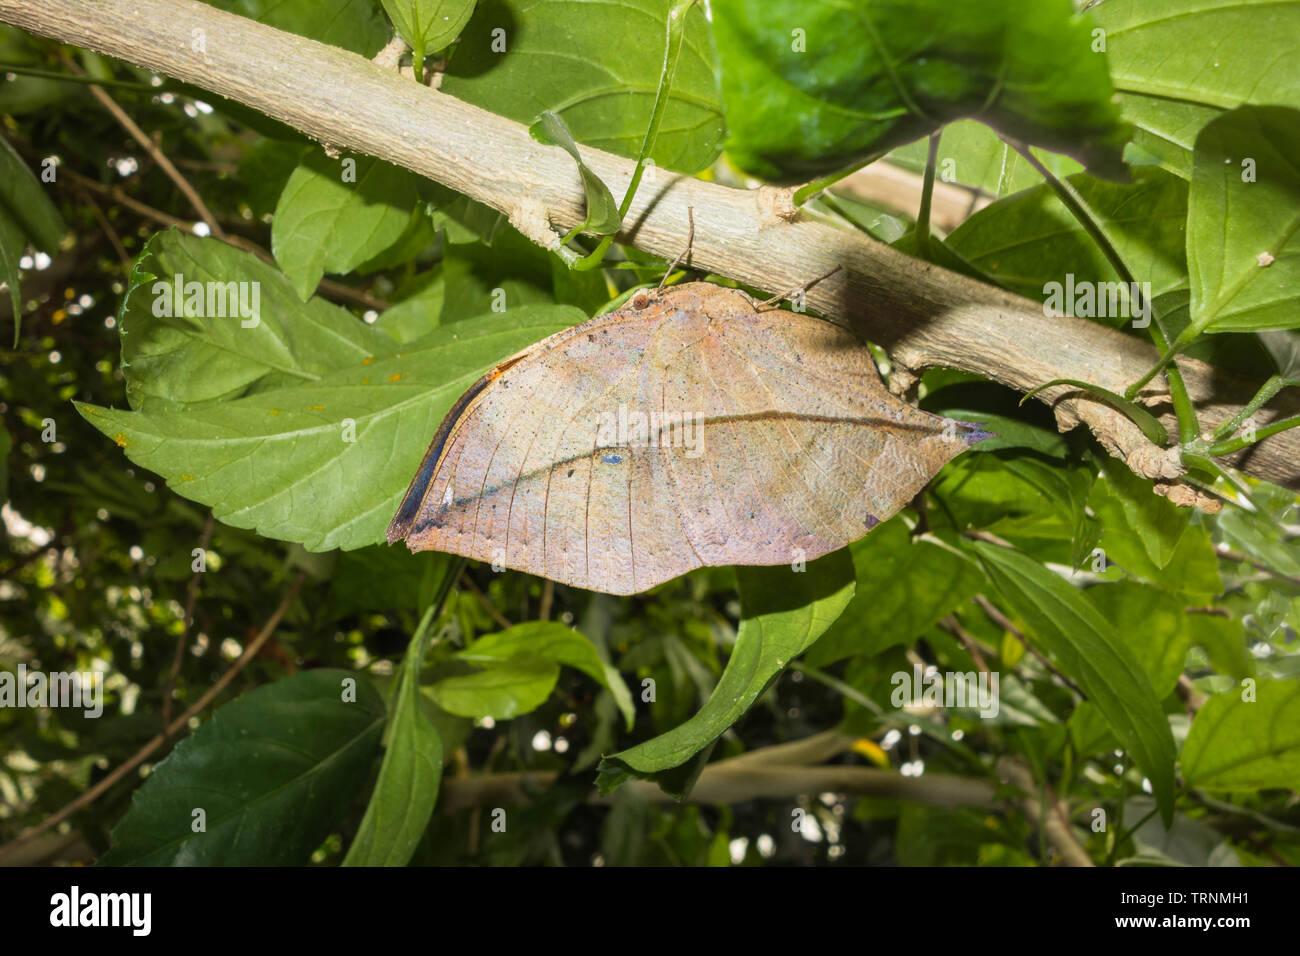 Indian Oakleaf Butterfly (Kallima inachus) che assomiglia ad una foglia morta perchched sulla vite, lo Zoo di Chester Cheshire England Regno Unito. maggio 2019 Immagini Stock